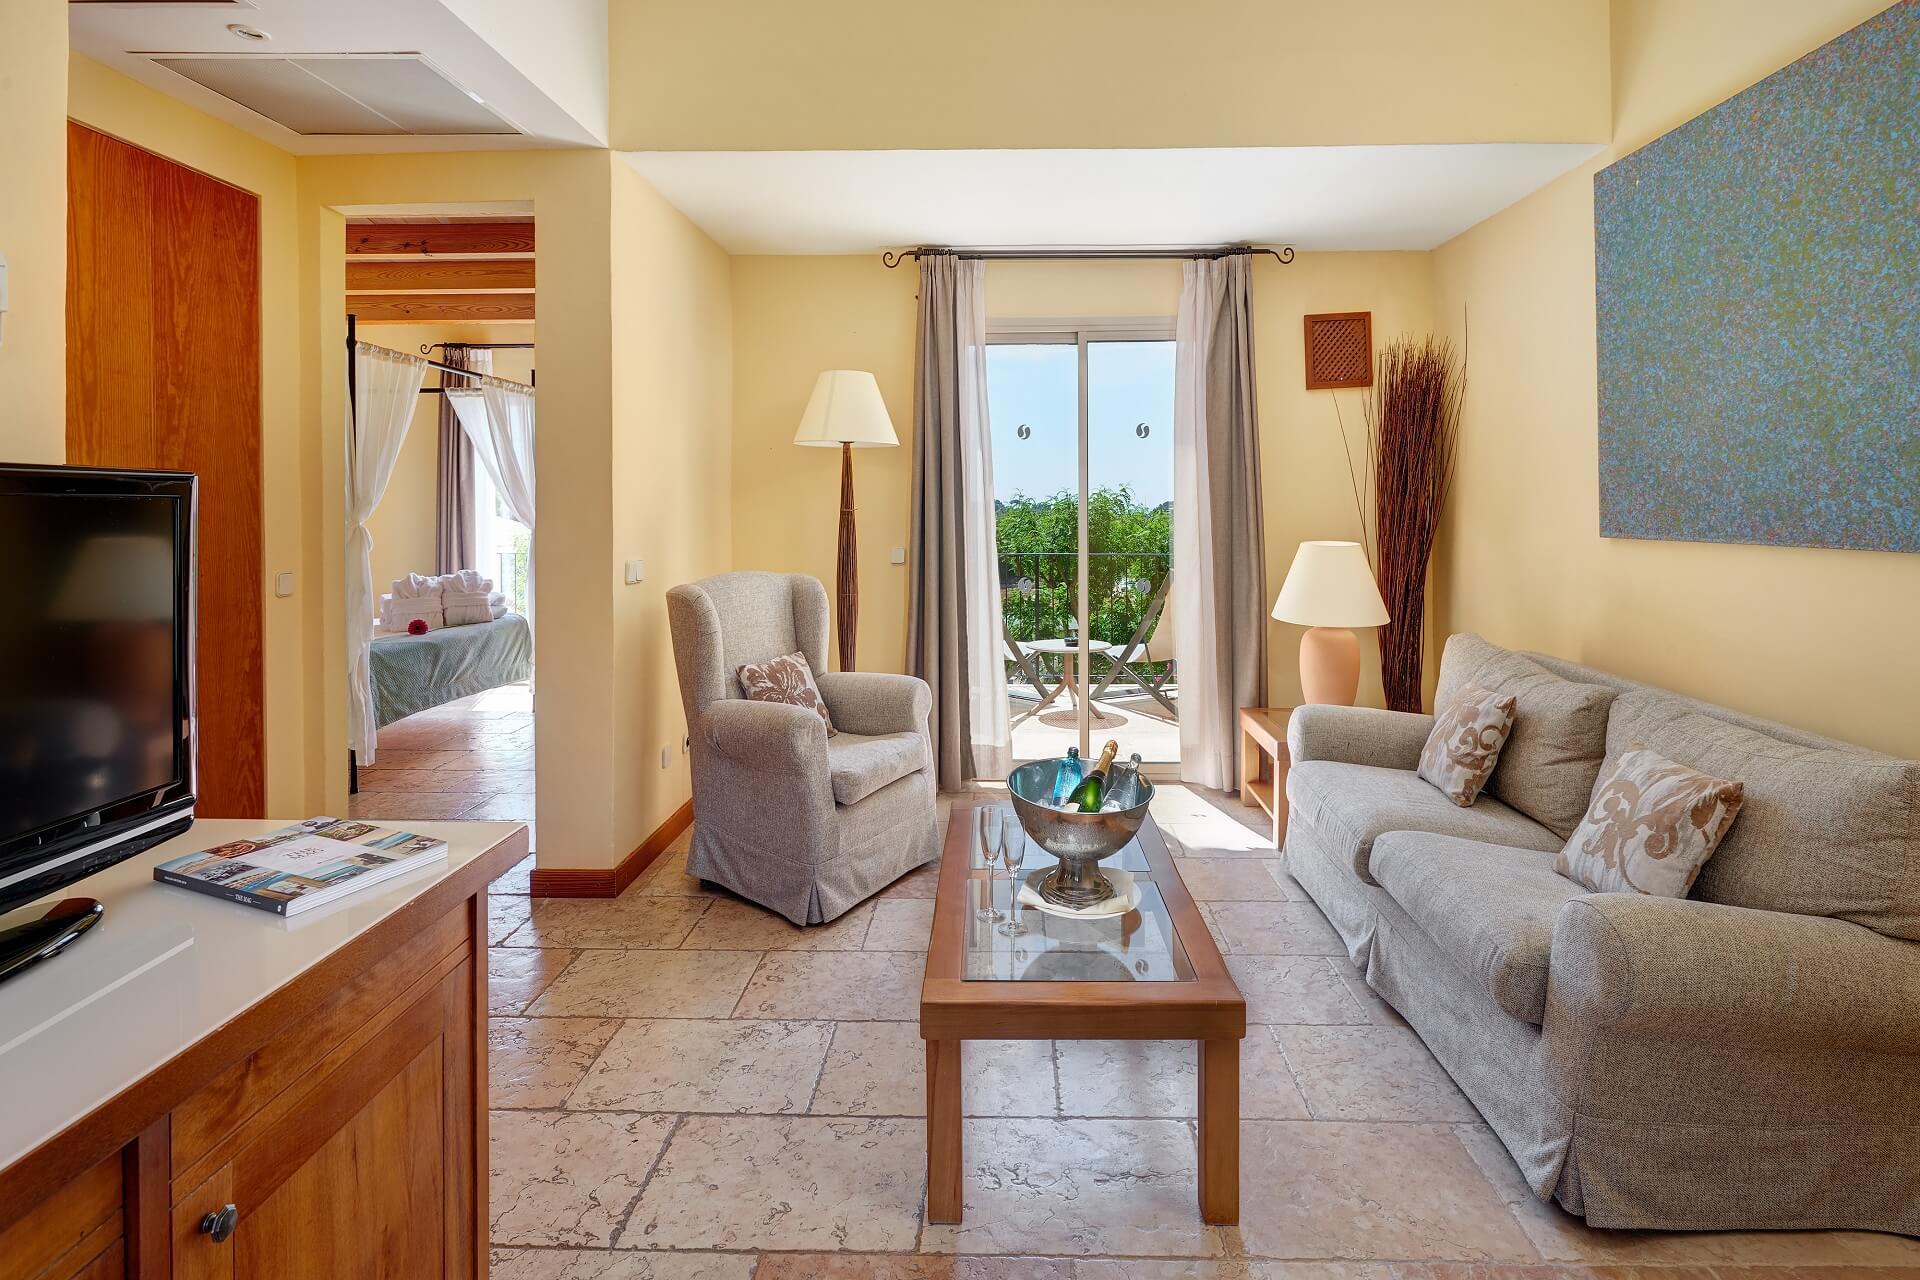 Finca-Hotel Sentido Pula Suites - Superior Suite living room